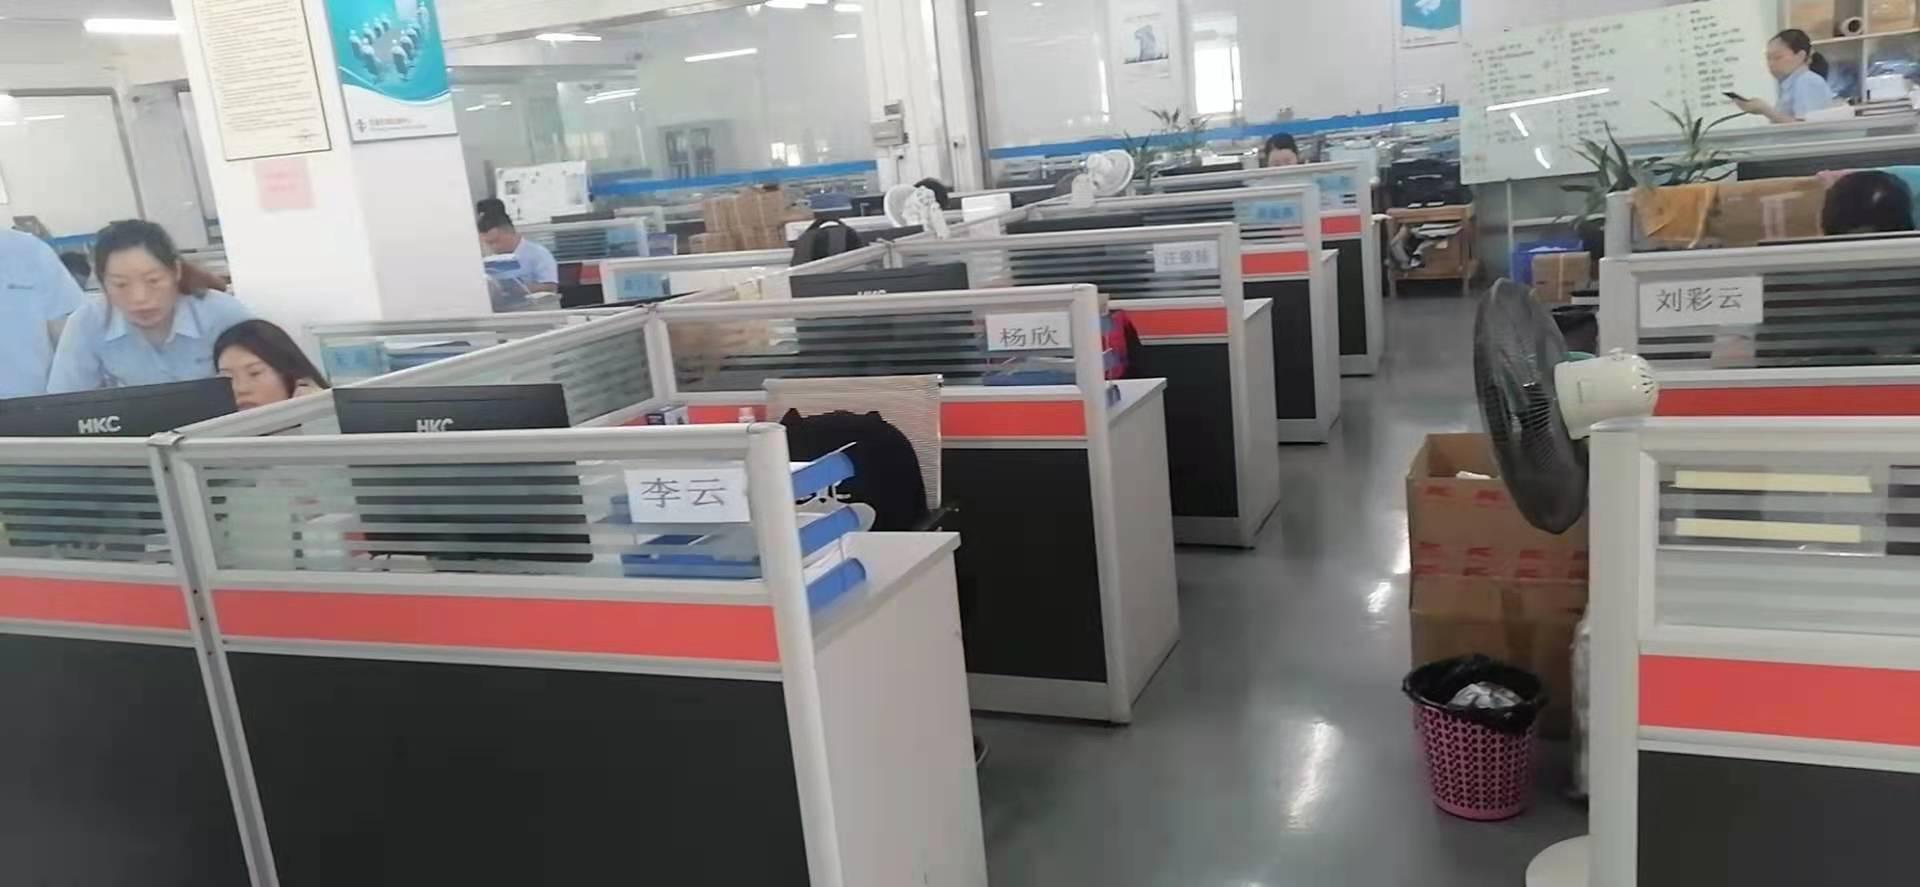 佛山禅城光学仪器校验-第三方实验室